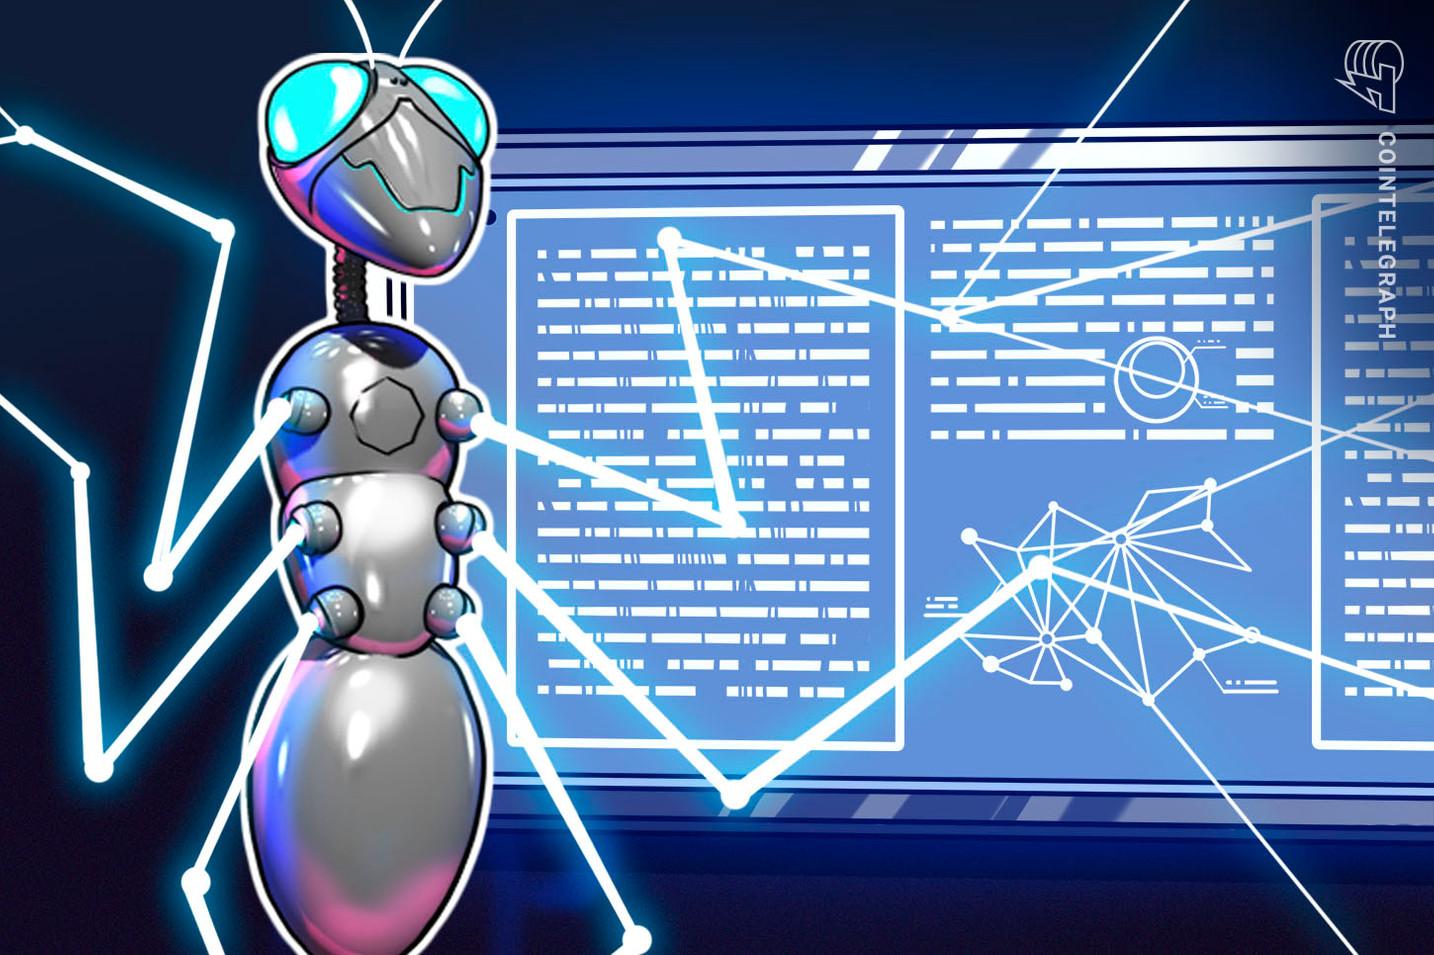 仮想通貨取引所バイナンスの教育部門、中国・上海にブロックチェーン研究機関設立